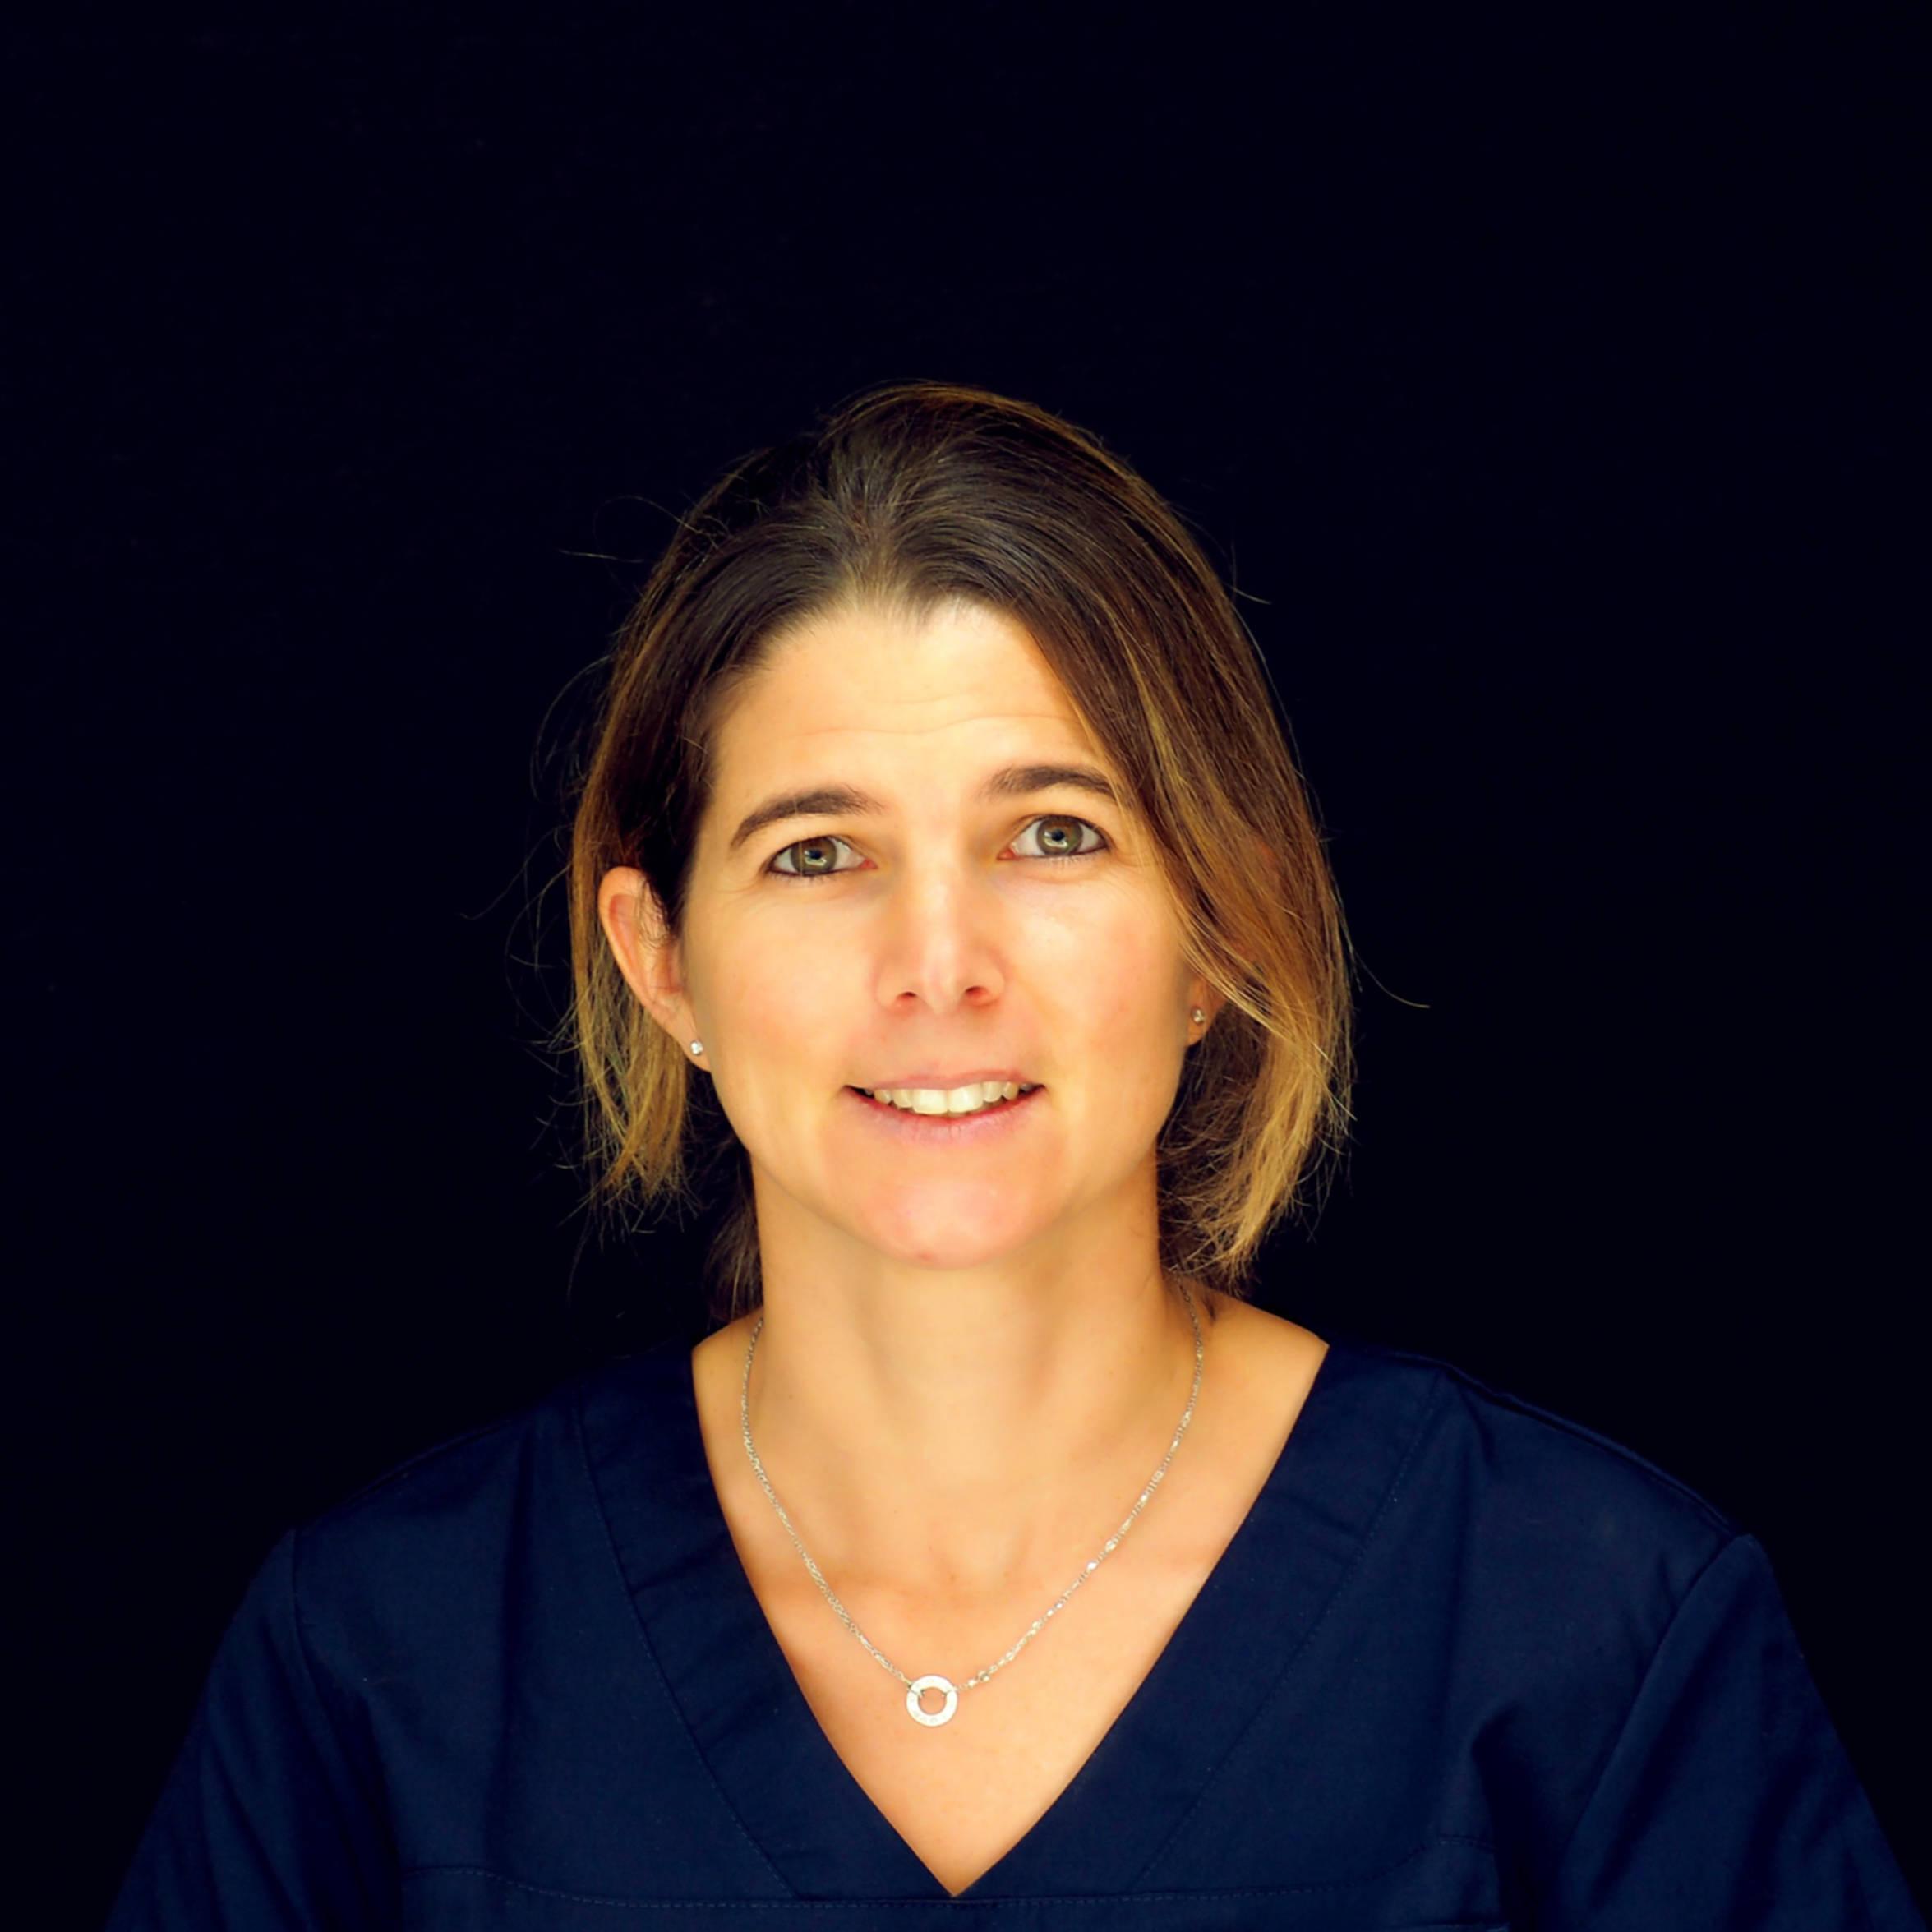 Juliette CARREAU